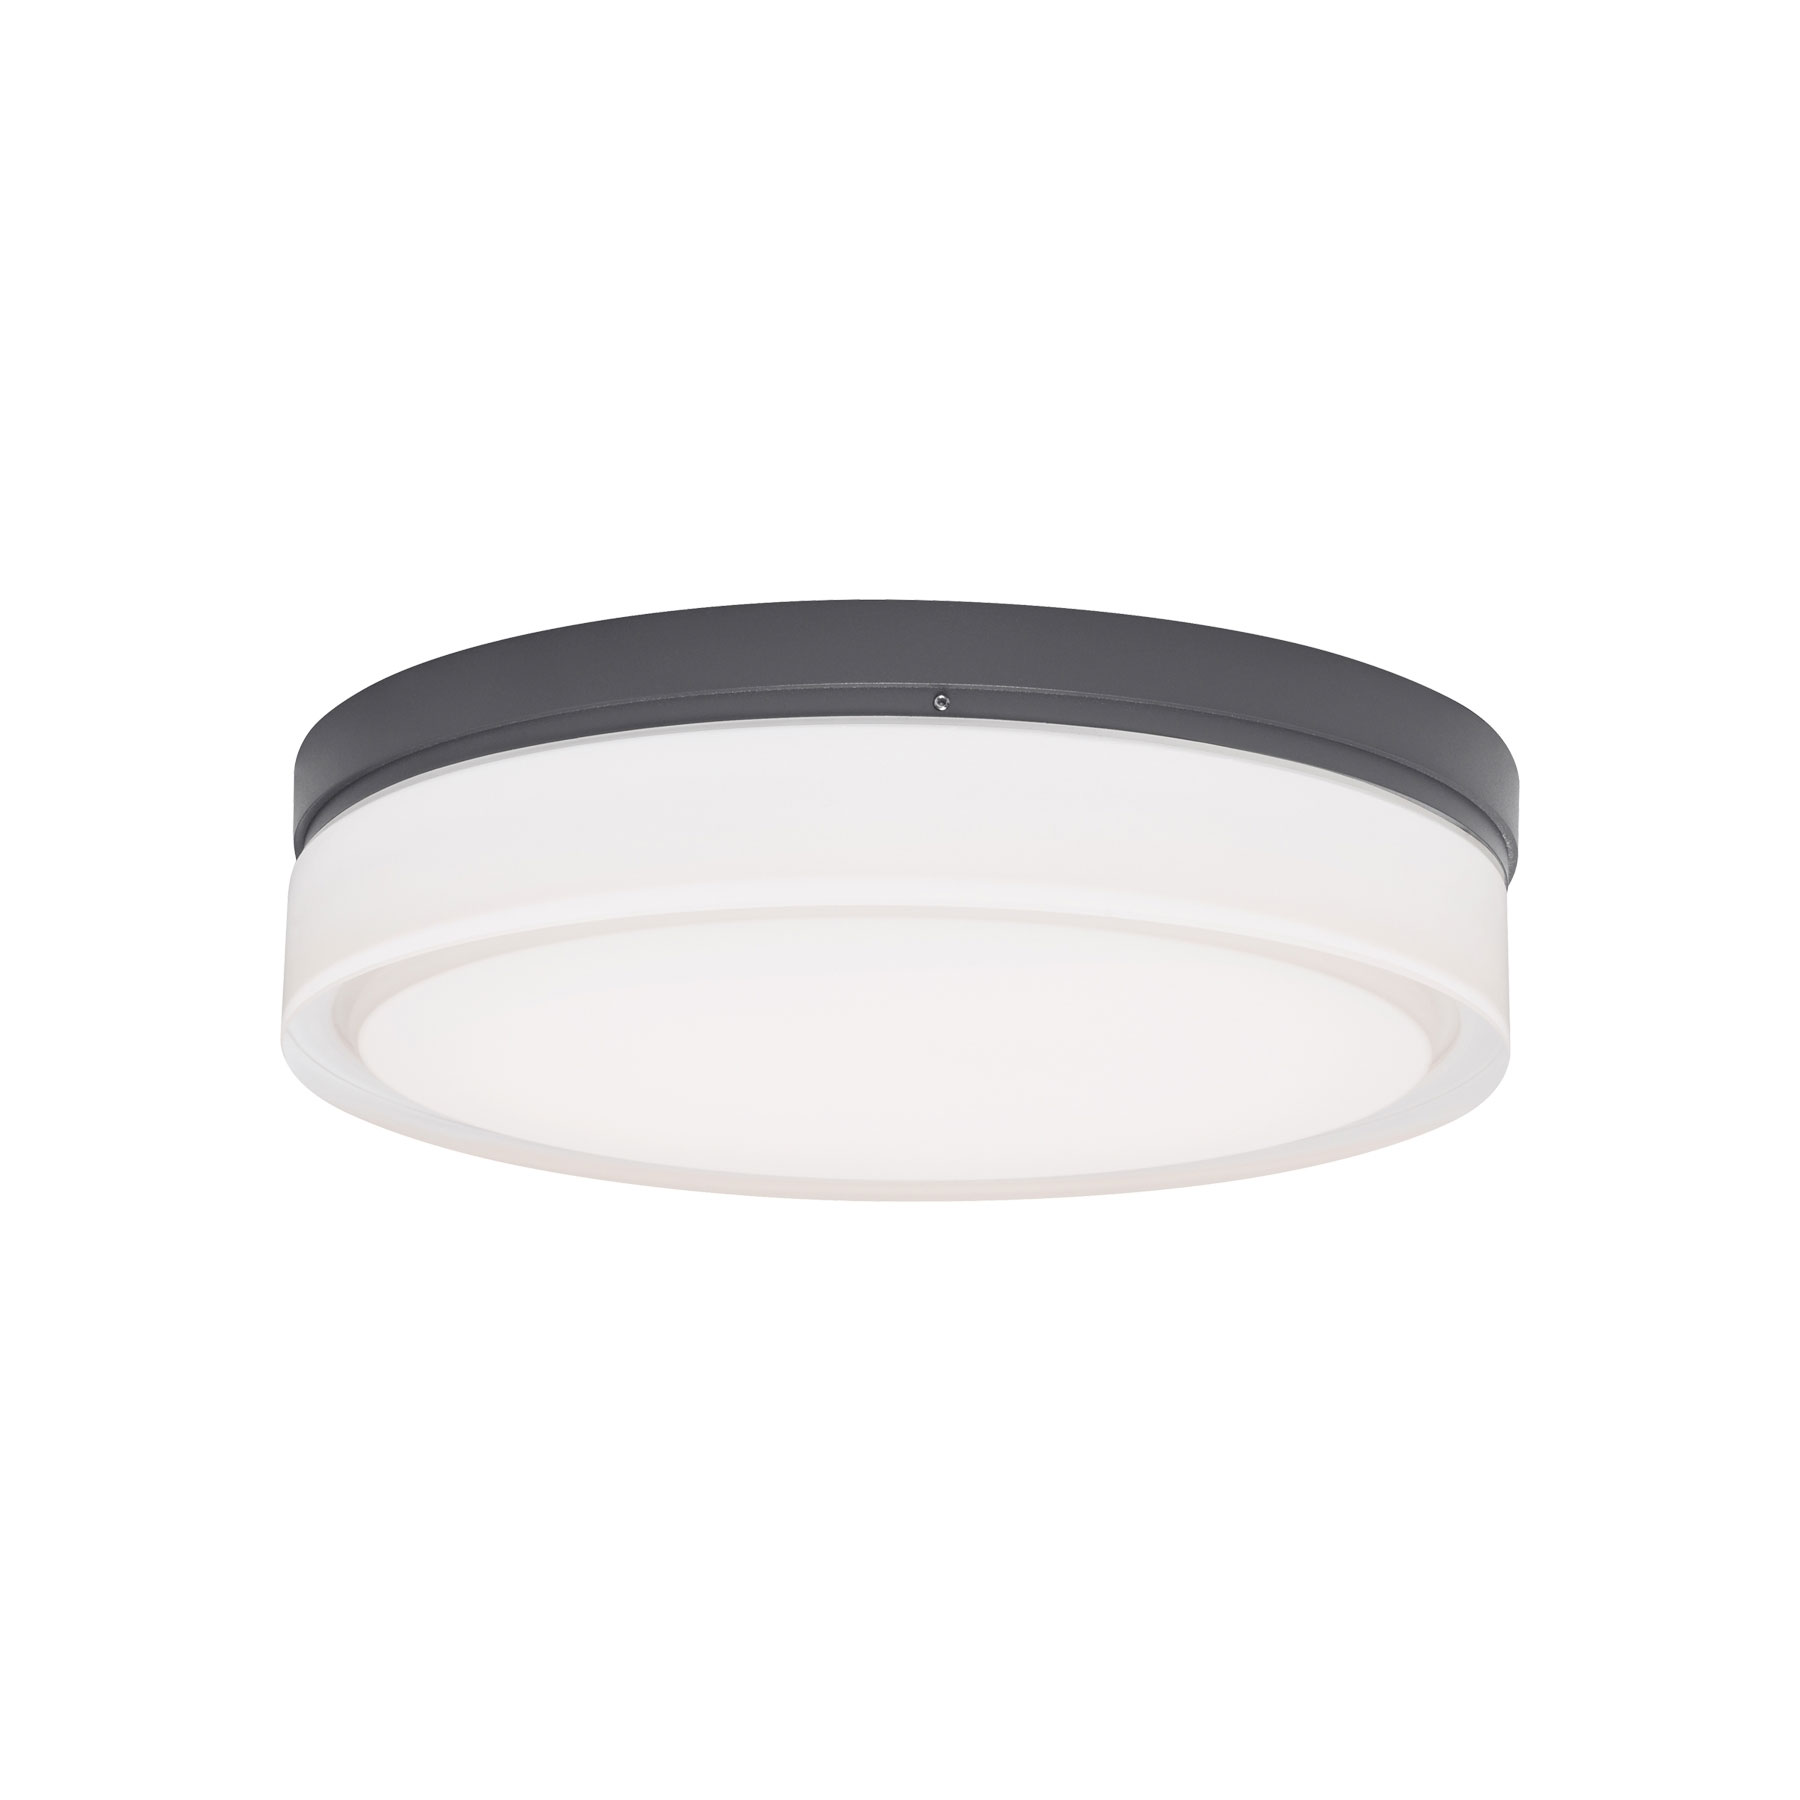 Cirque Outdoor Wall - Ceiling Light Fixture